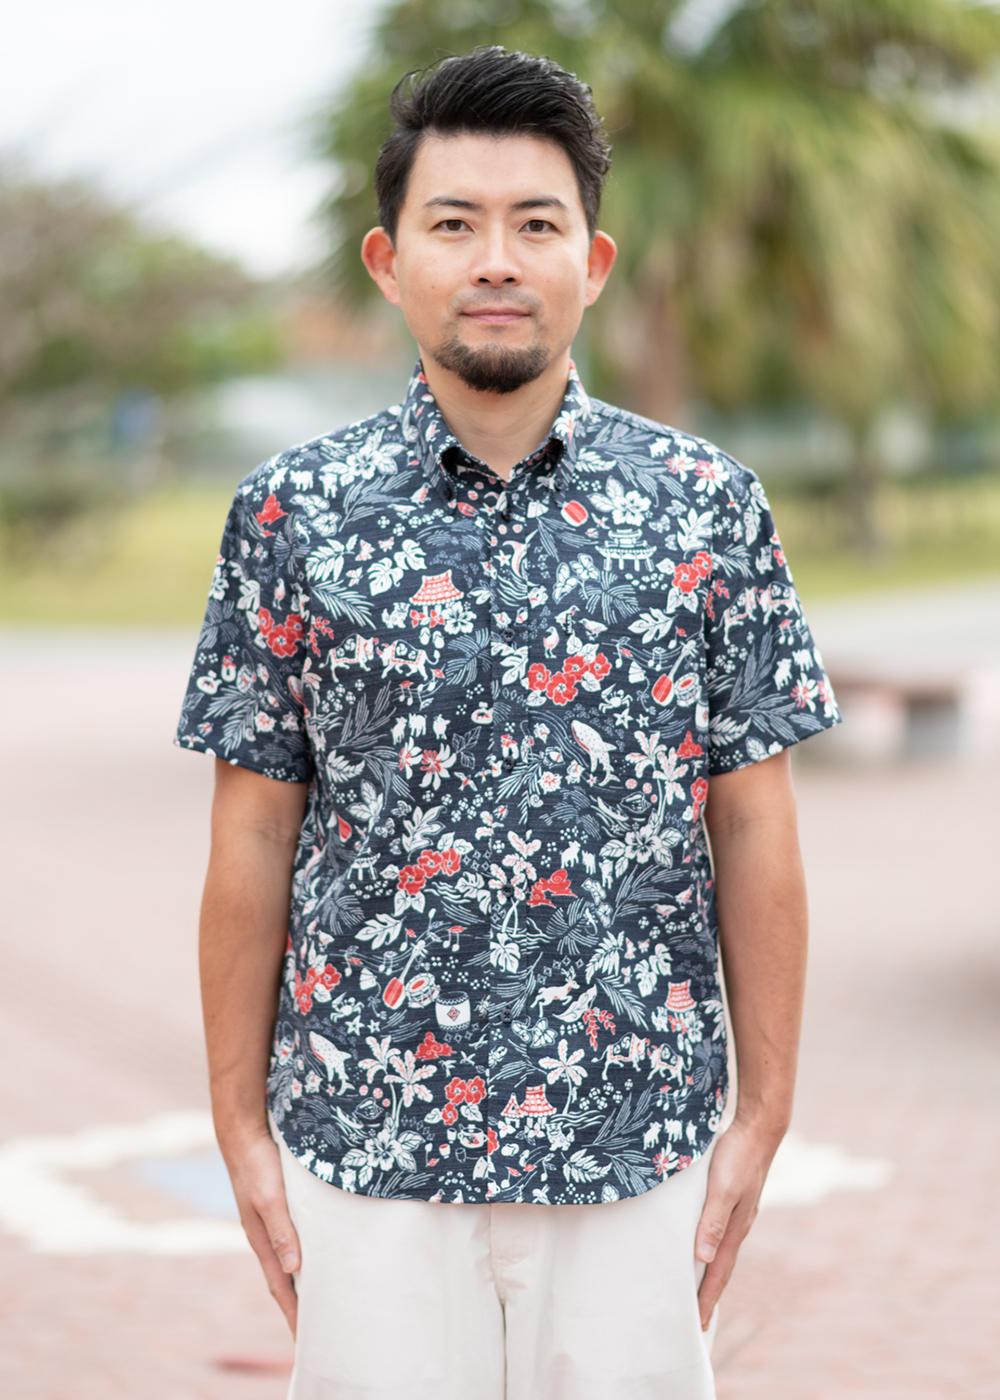 かりゆしウェア(沖縄版アロハシャツ) MAJUN - オキナワンデイドリーム